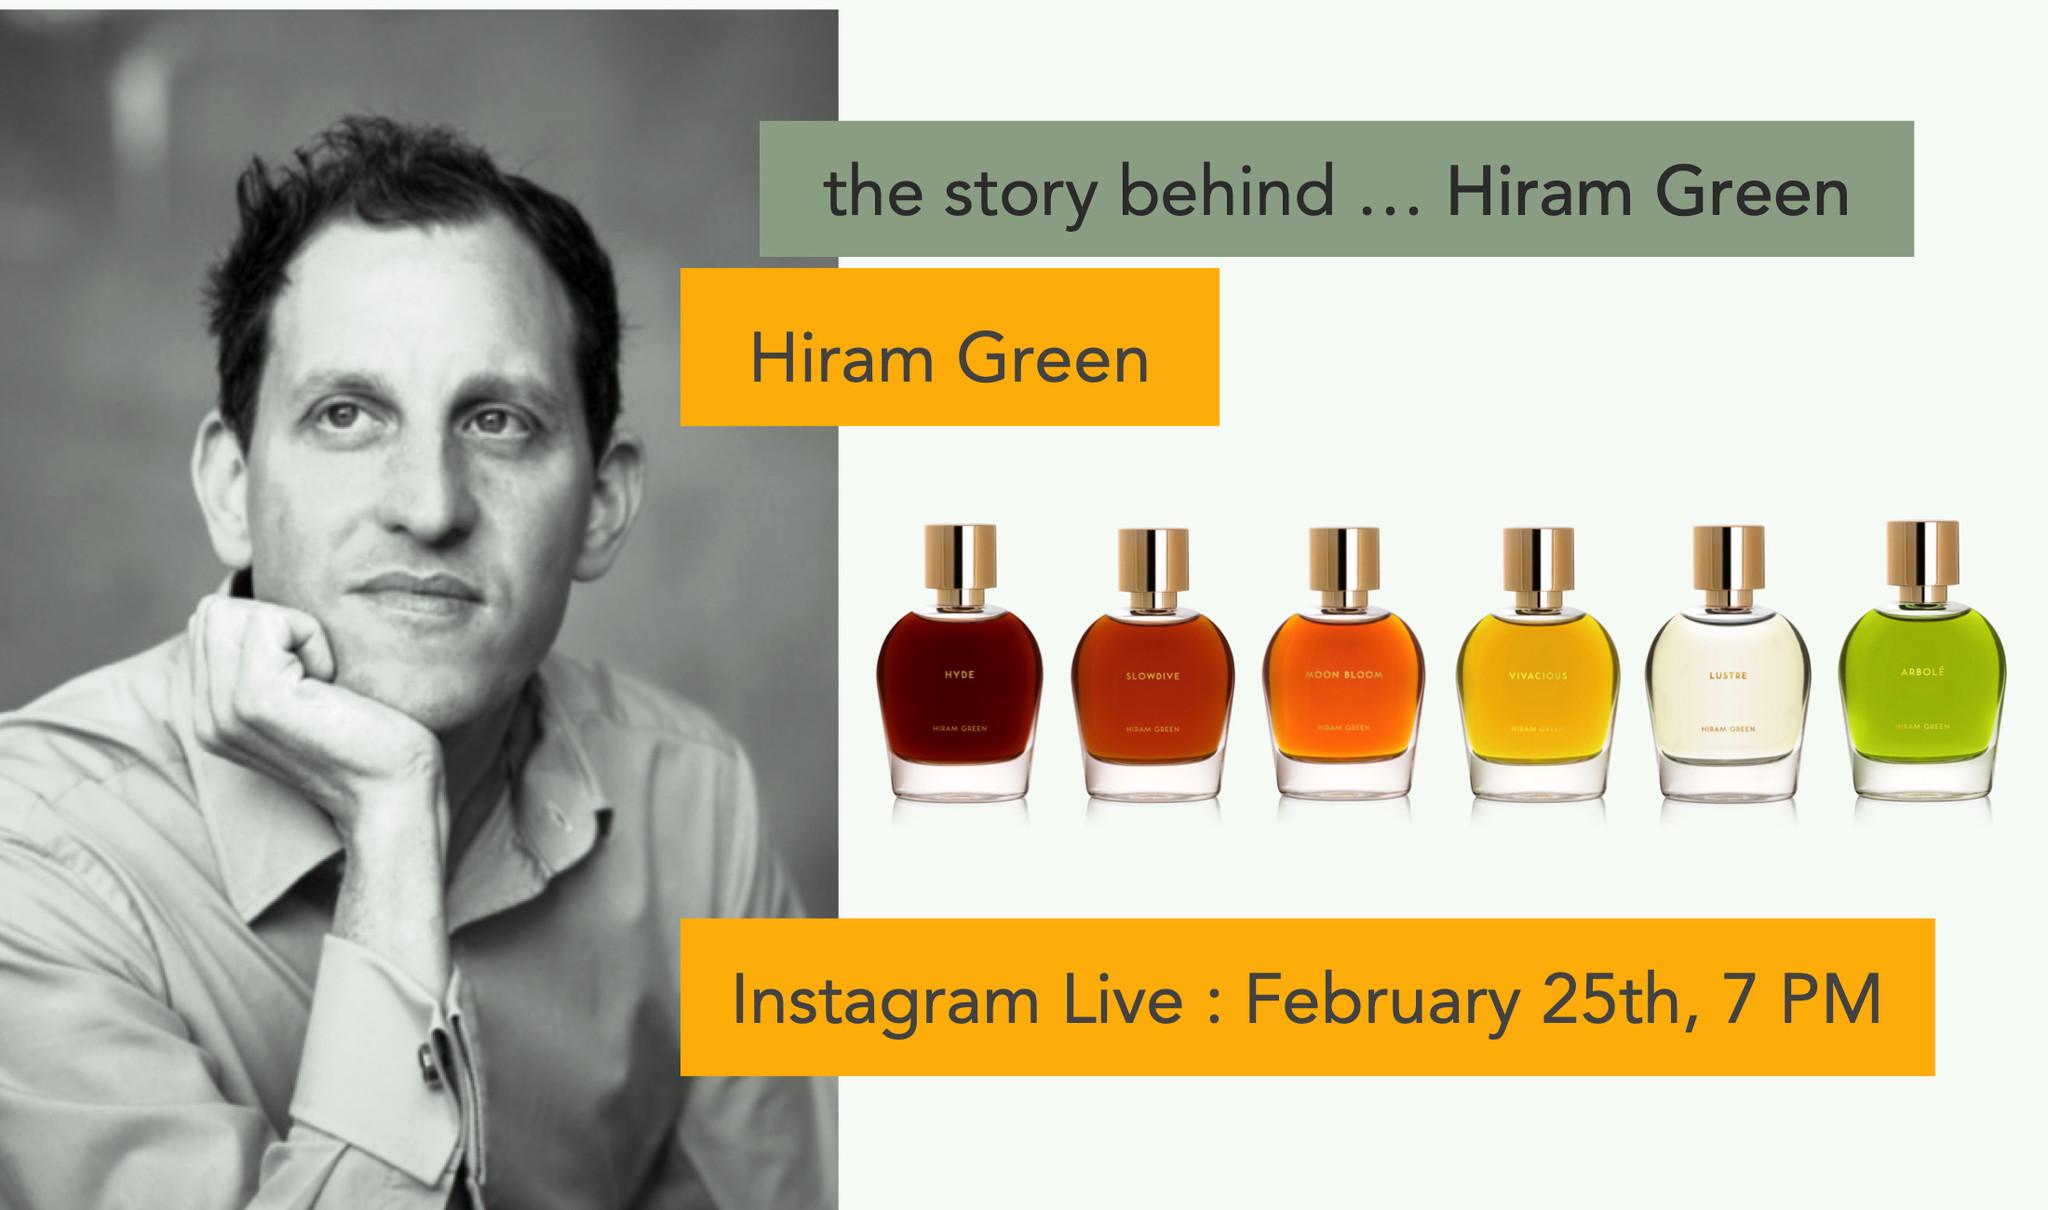 l'histoire derrière ... Hiram Green